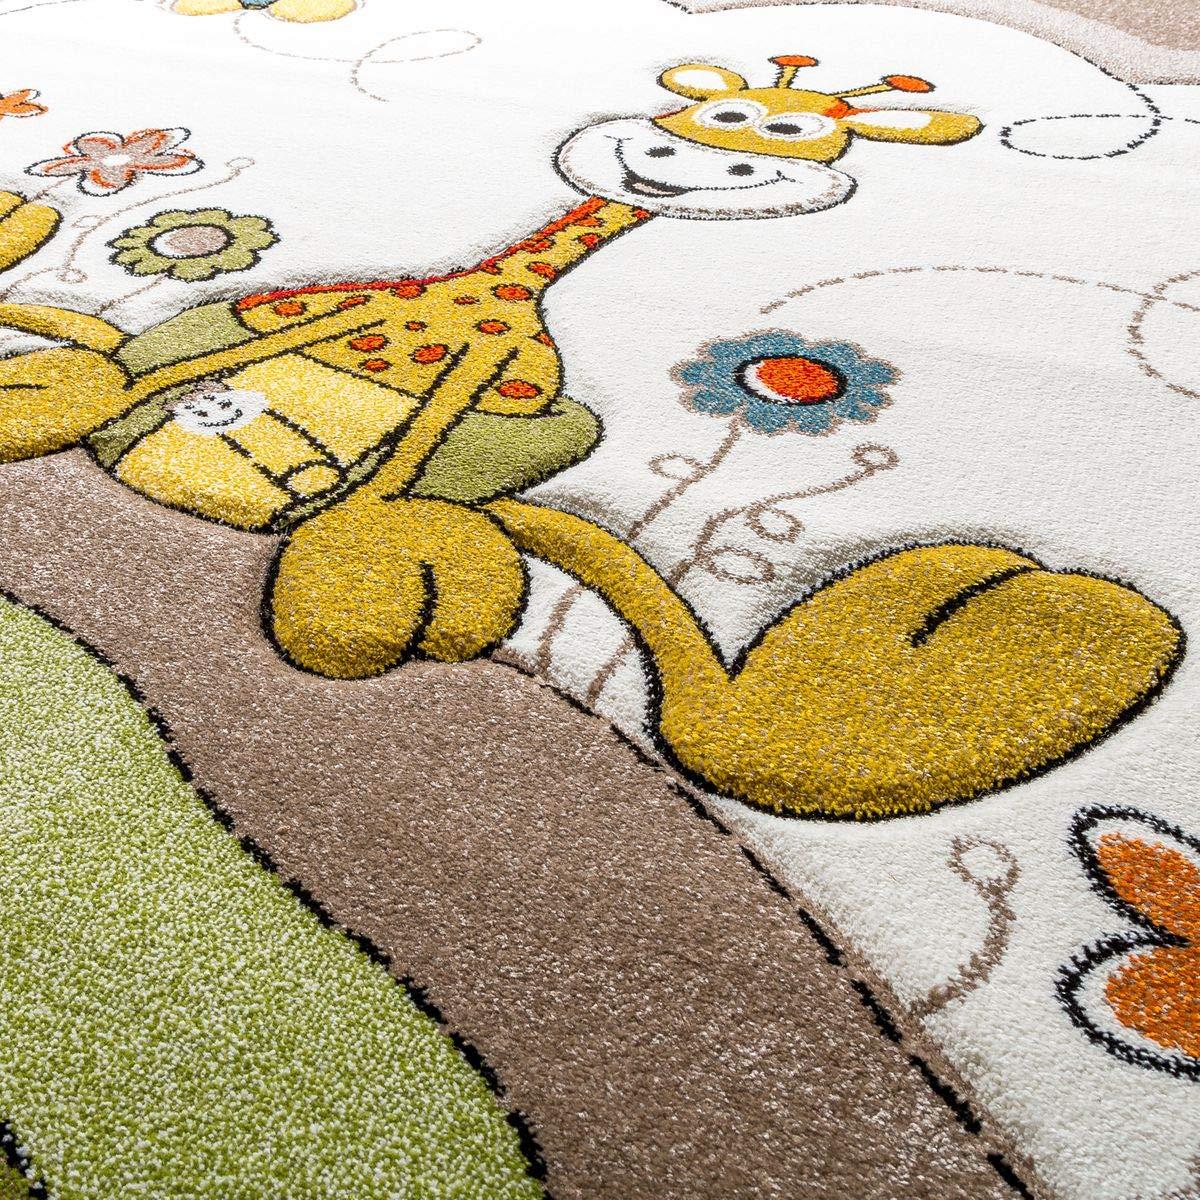 Kinder Teppich Moderner Spielteppich Giraffe Blaumen Pastell Pastell Pastell Töne In Beige Creme, Größe 200x290 cm B07HLC9J98 Teppiche & Lufer 4eae8b